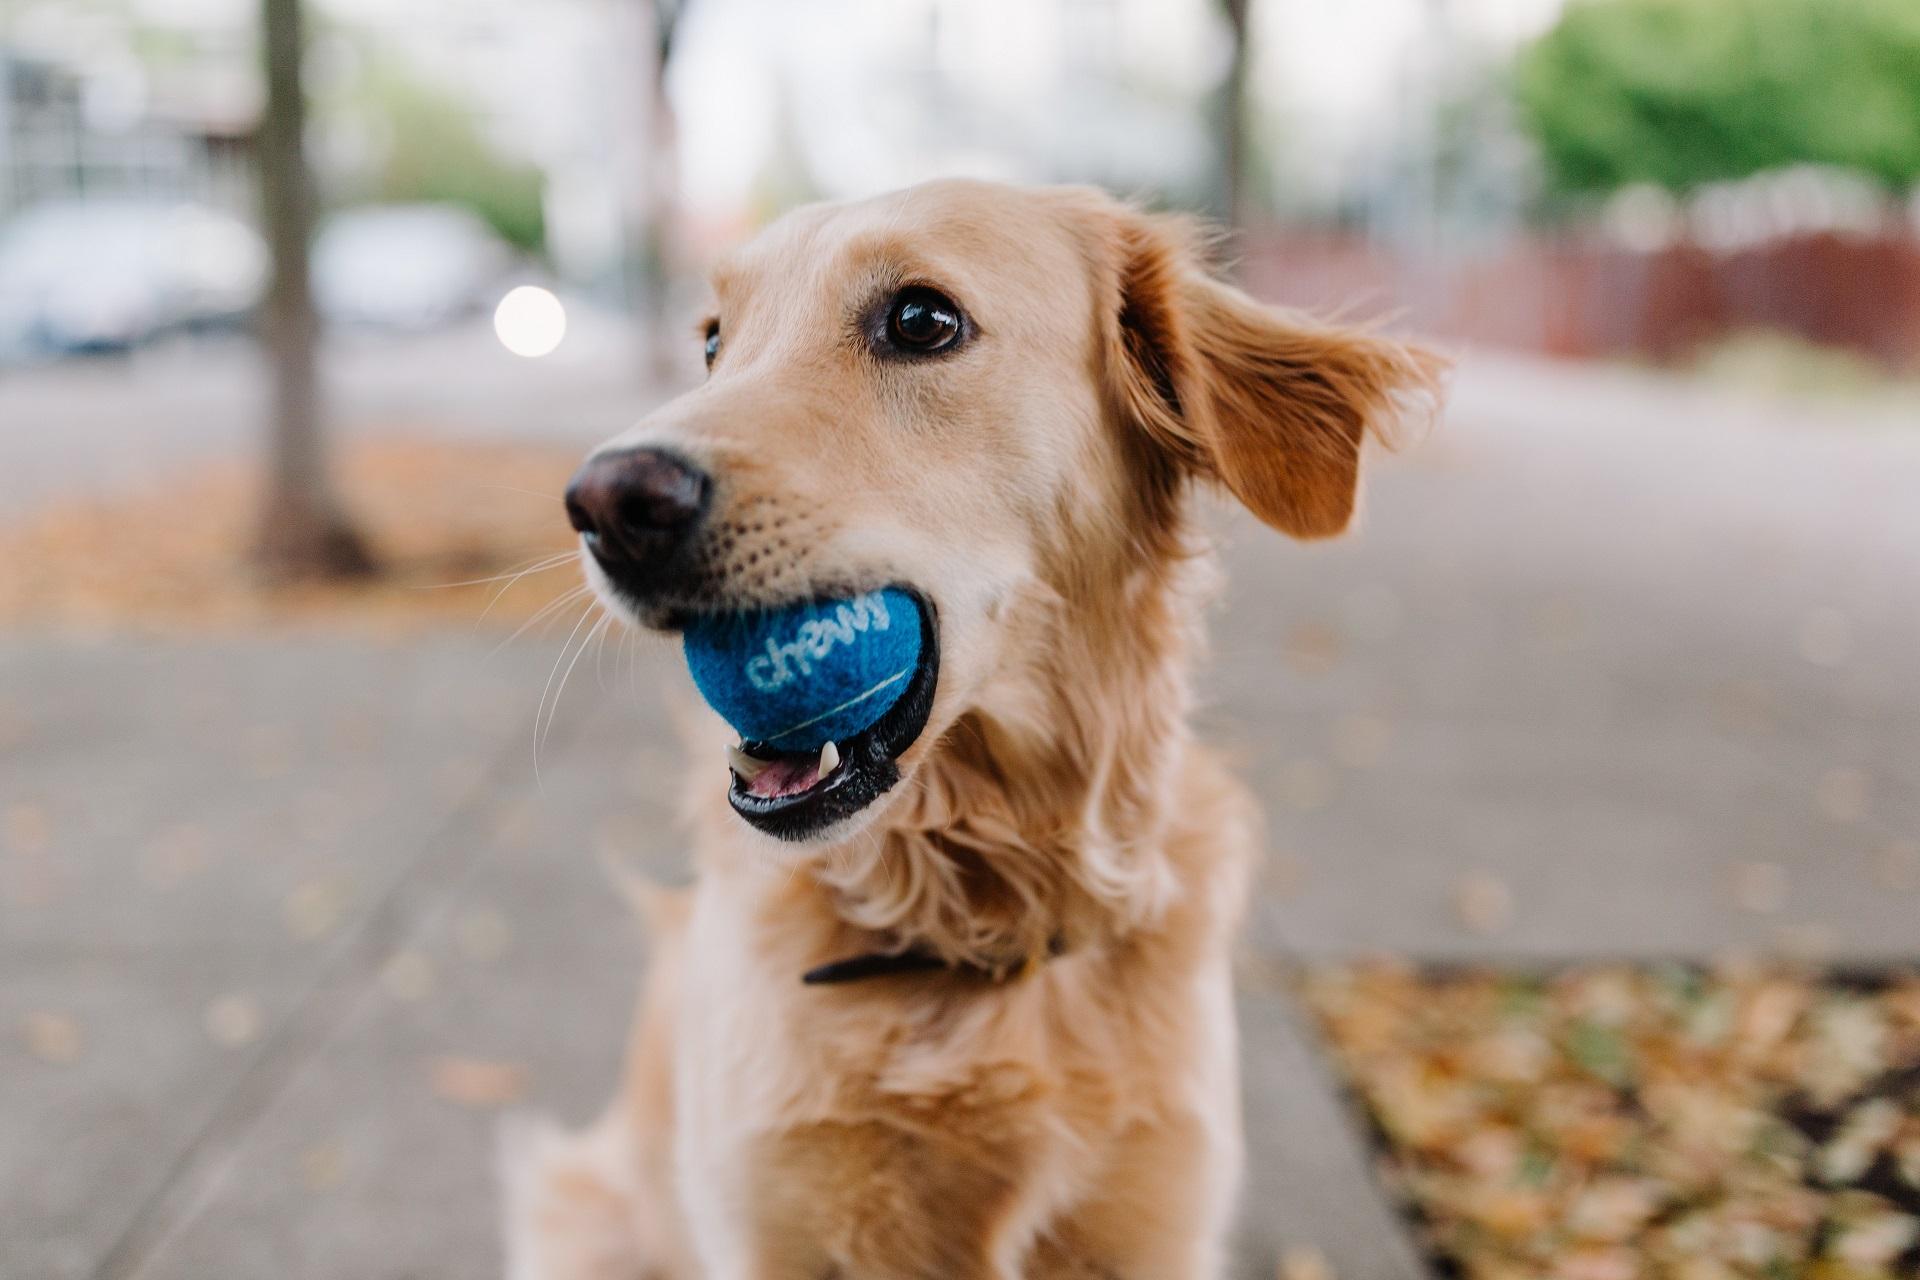 Golden retriever biting blue ball